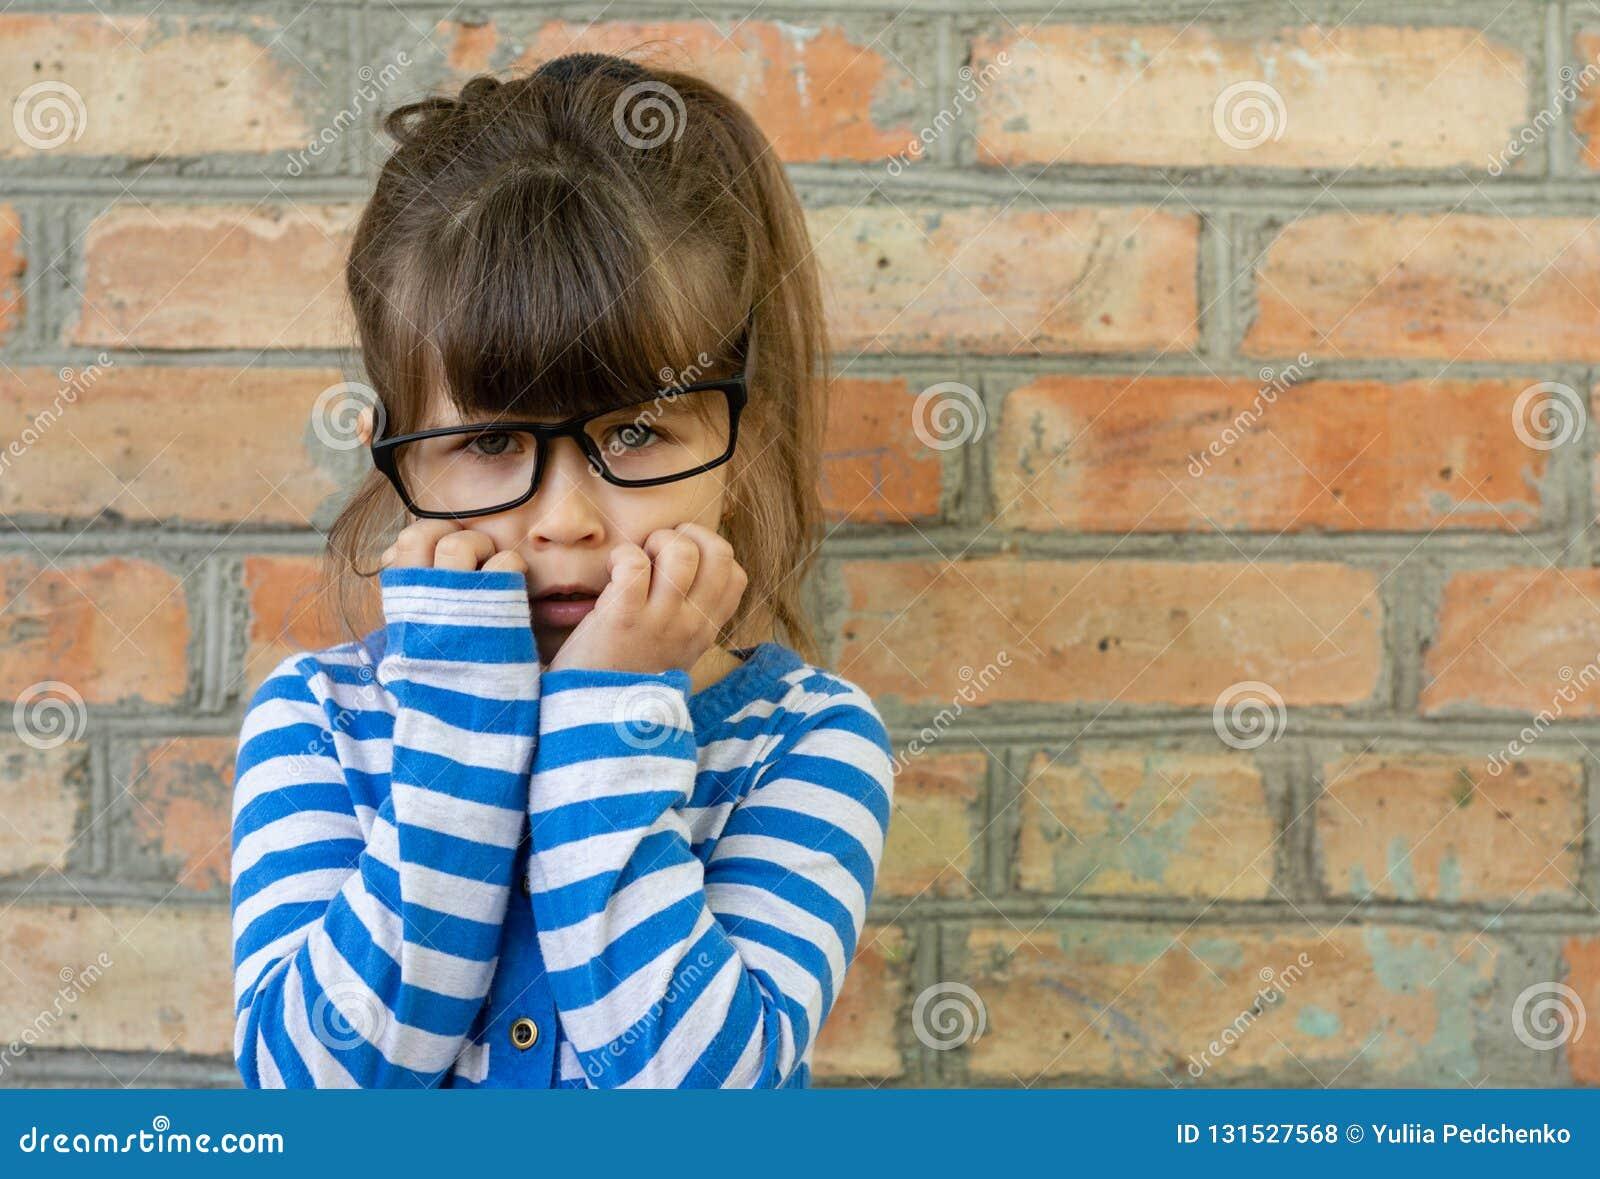 Het doen schrikken kind weinig jongen in witte t-shirt drukt verrukking bij een lege lege bakstenen muur uit